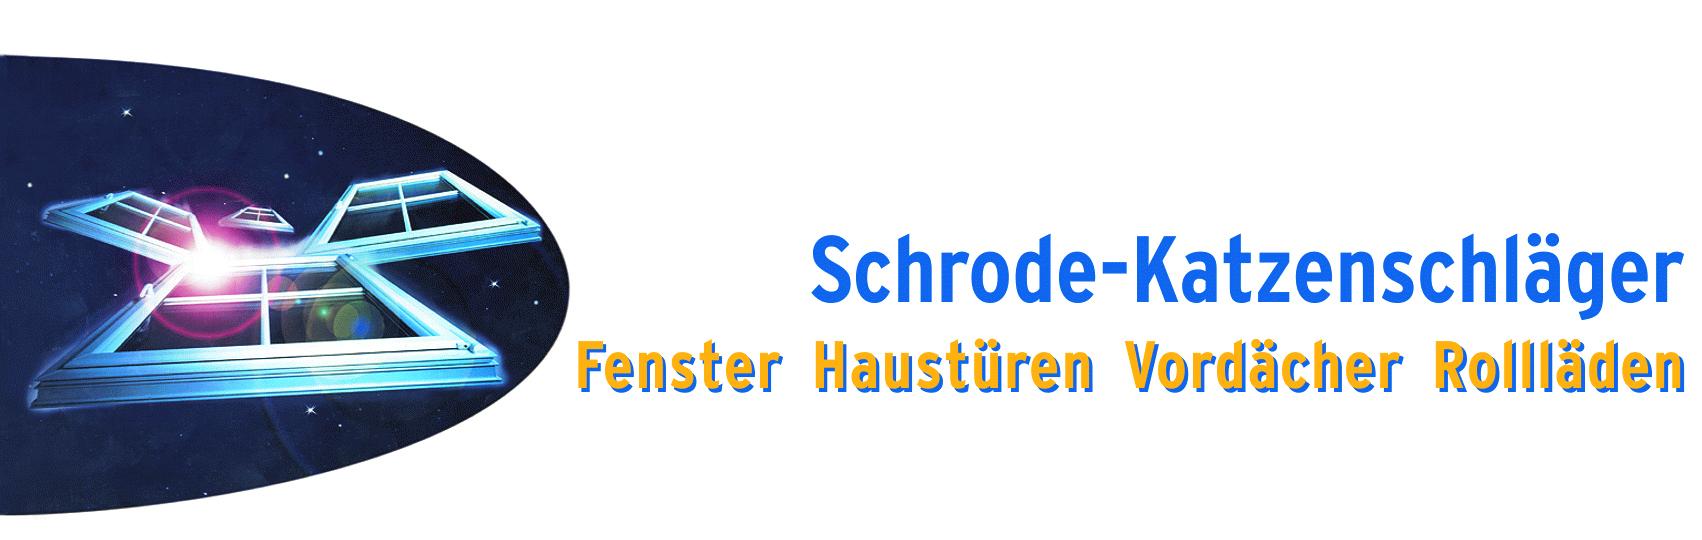 I. Schrode-Katzenschläger